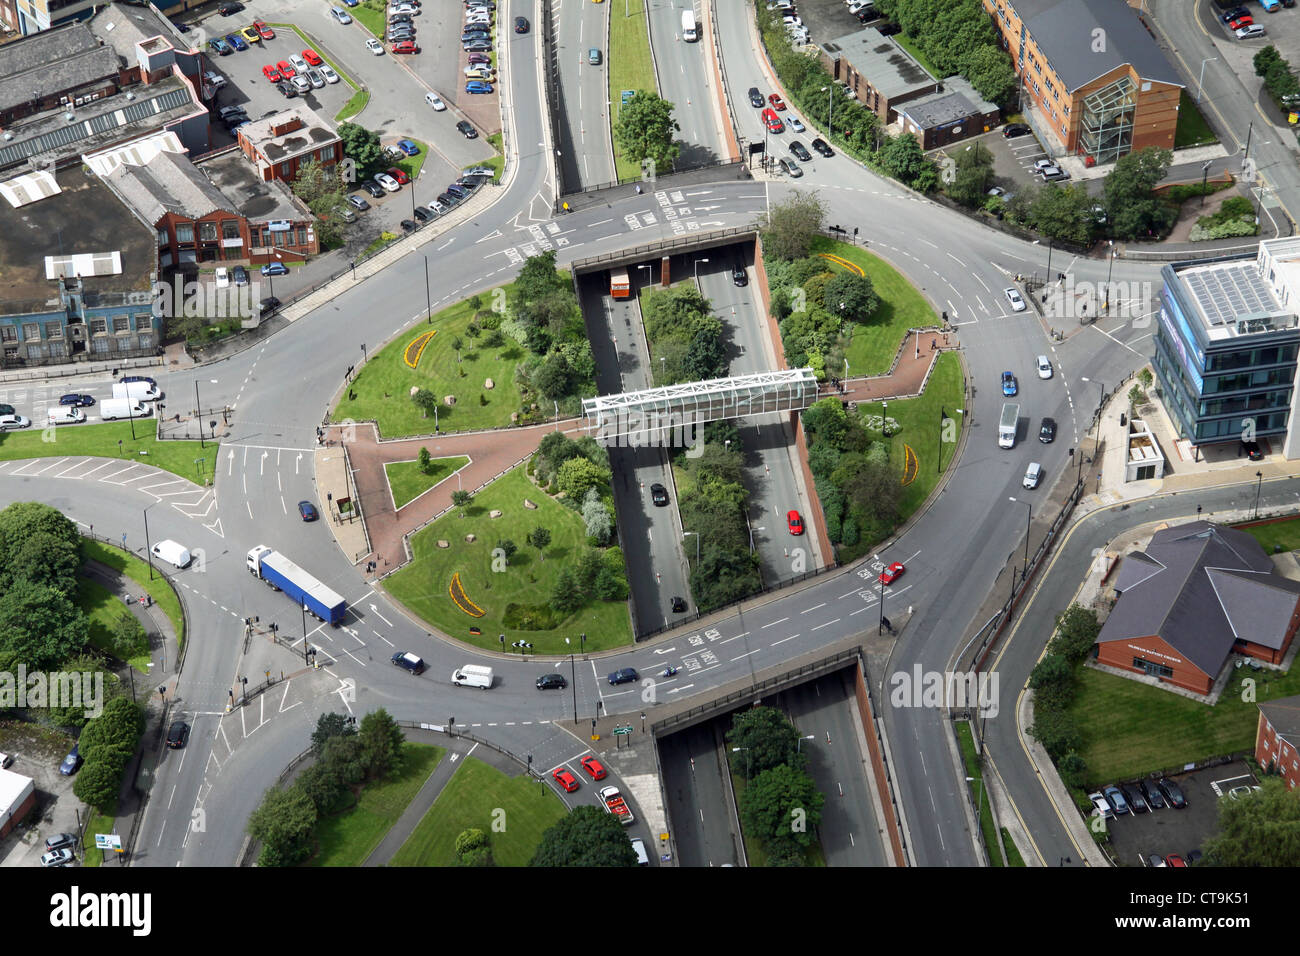 Vue aérienne d'un grand rond-point sur une route à deux voies, avec verdure et une passerelle Photo Stock